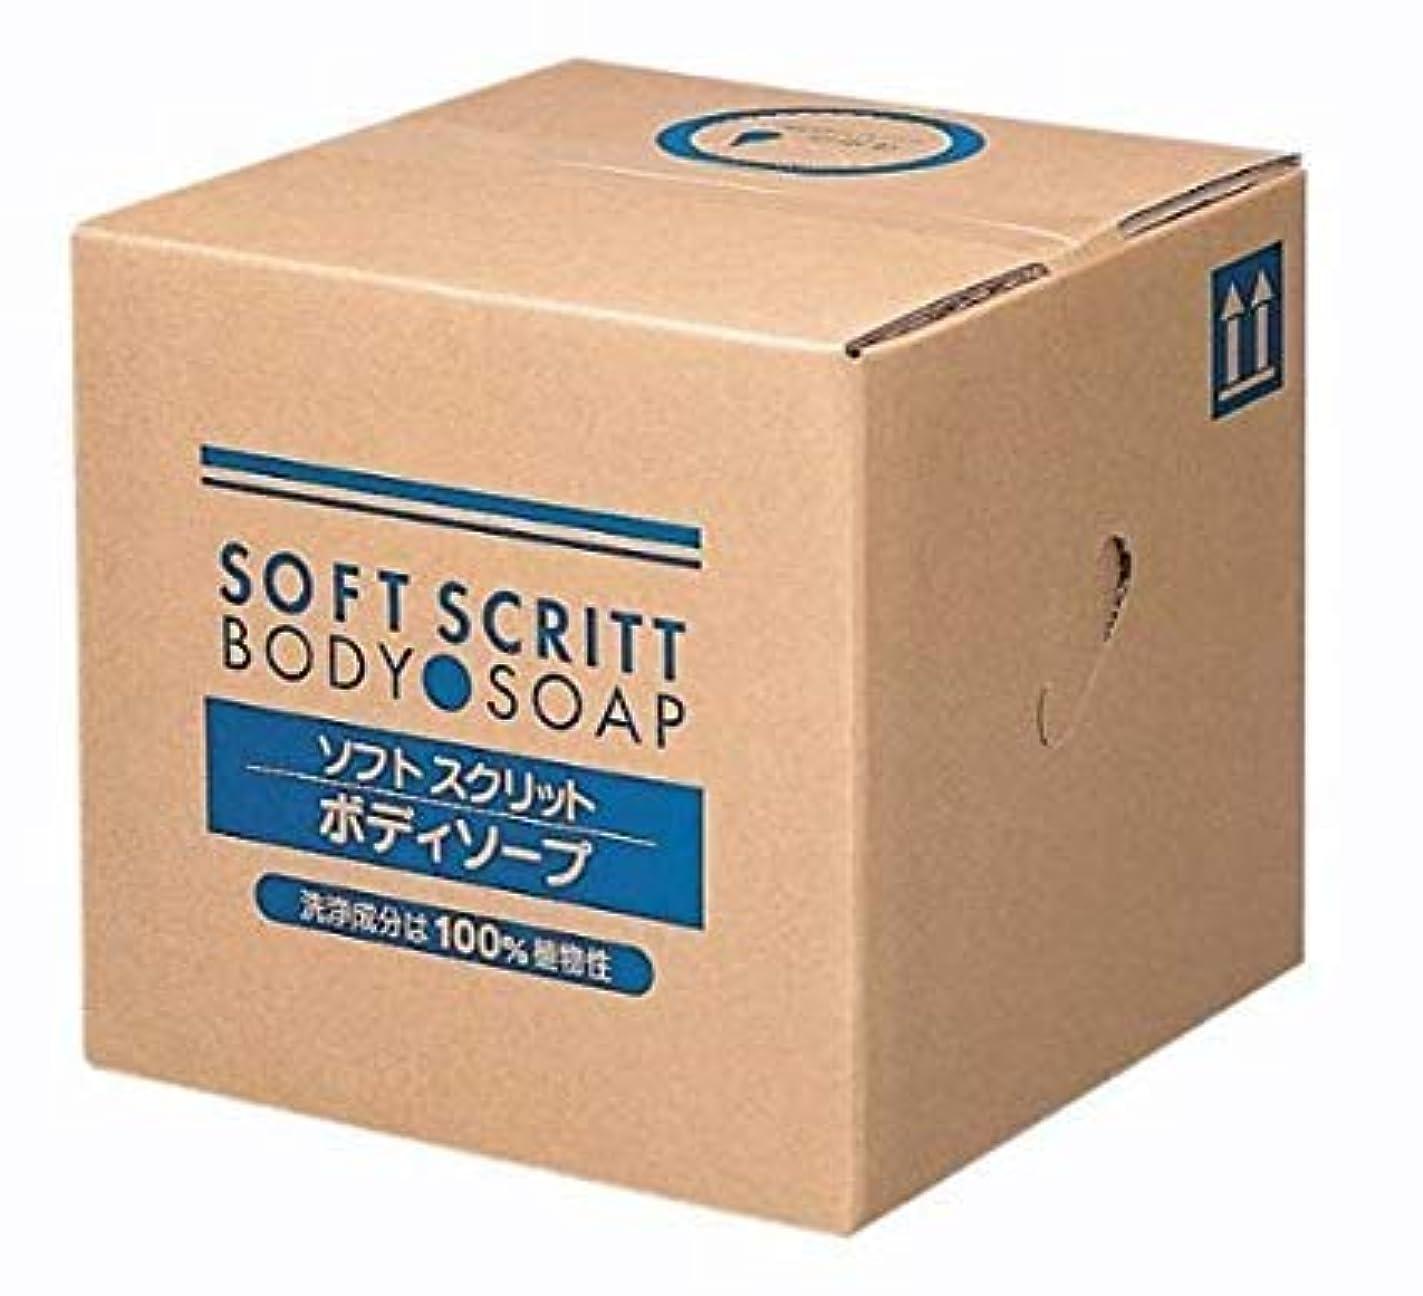 間欠ホイットニー笑業務用 SOFT SCRITT(ソフト スクリット) ボディソープ 18L 熊野油脂 コック無し